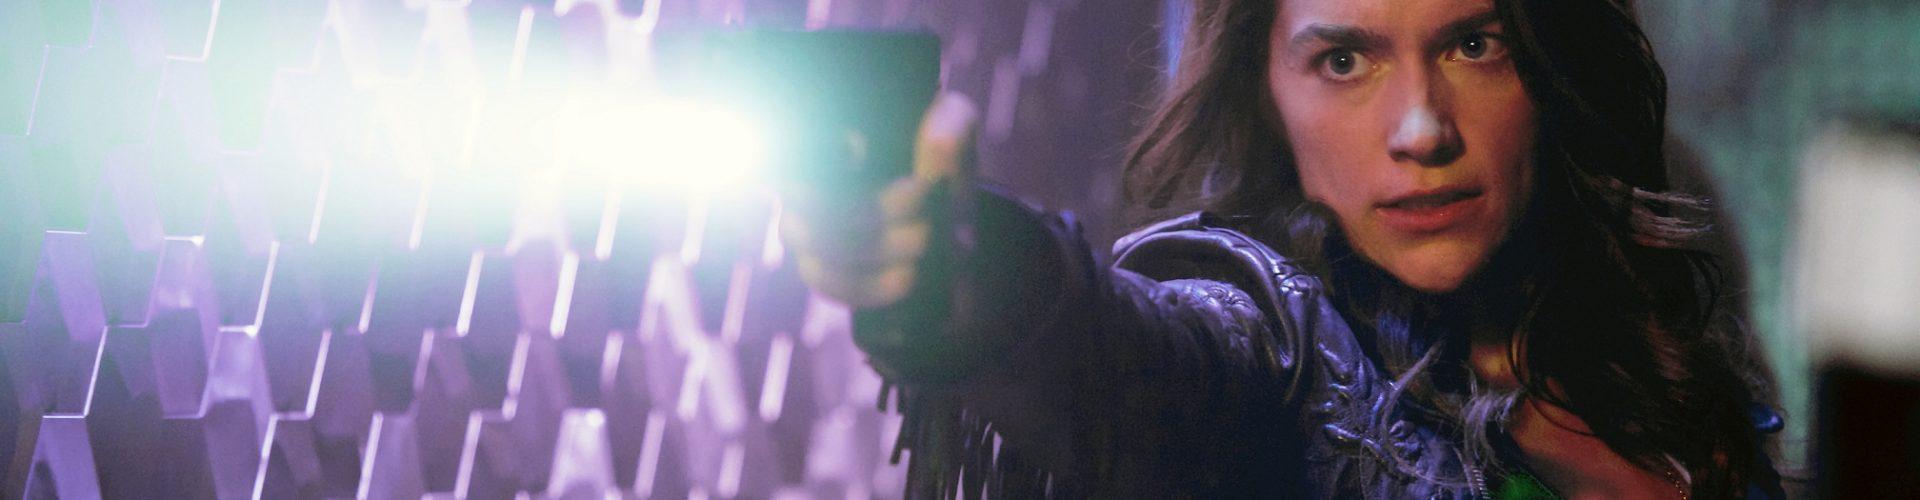 Cineflix Rights prodao prava na seriju Wynonna Earp (sezone 1-4) NBCUniversal International Networks-u u Evropi